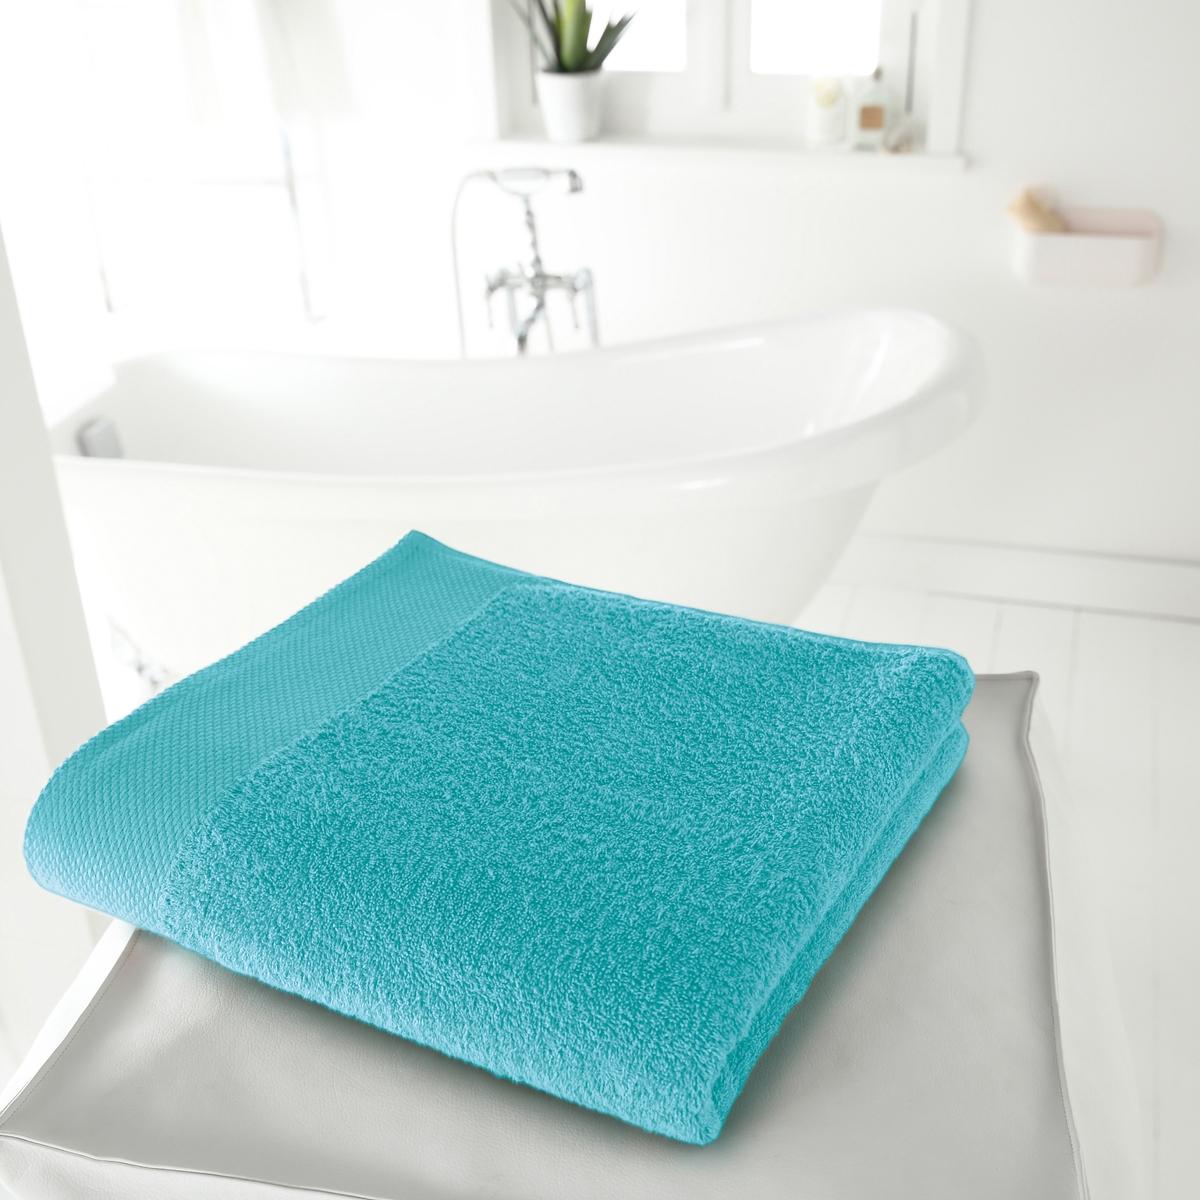 Полотенце банное большое, 420 г/м?Мягкая махровая ткань, 100% хлопка, 420 г/м?. 100% хлопка. Кайма крупинки. Размер: 100 х 150 см.    Стирка при 60°. Превосходная стойкость цвета. Машинная сушка.<br><br>Цвет: голубой бирюзовый